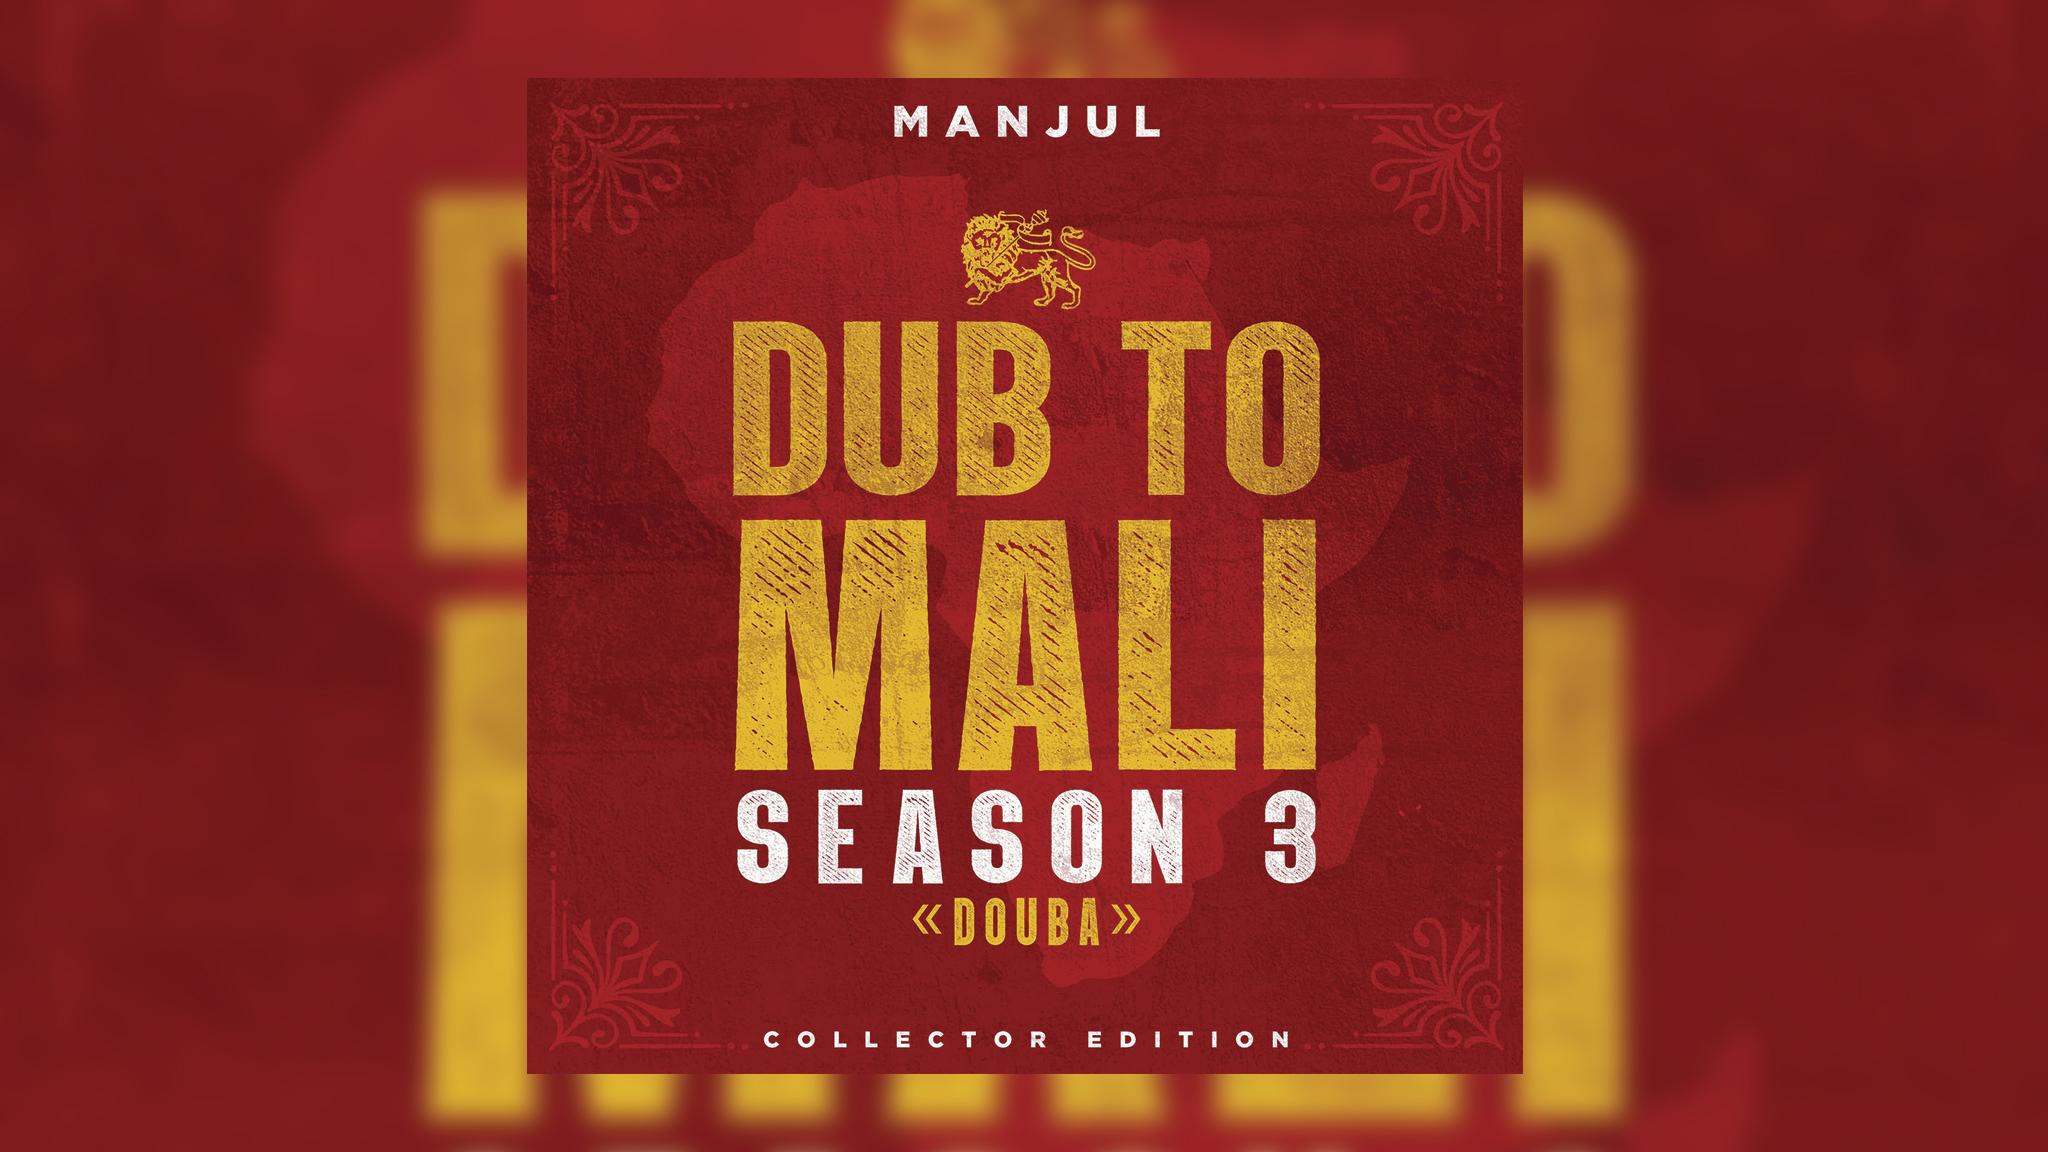 Manjul parachève le mariage entre le reggae et le Mali